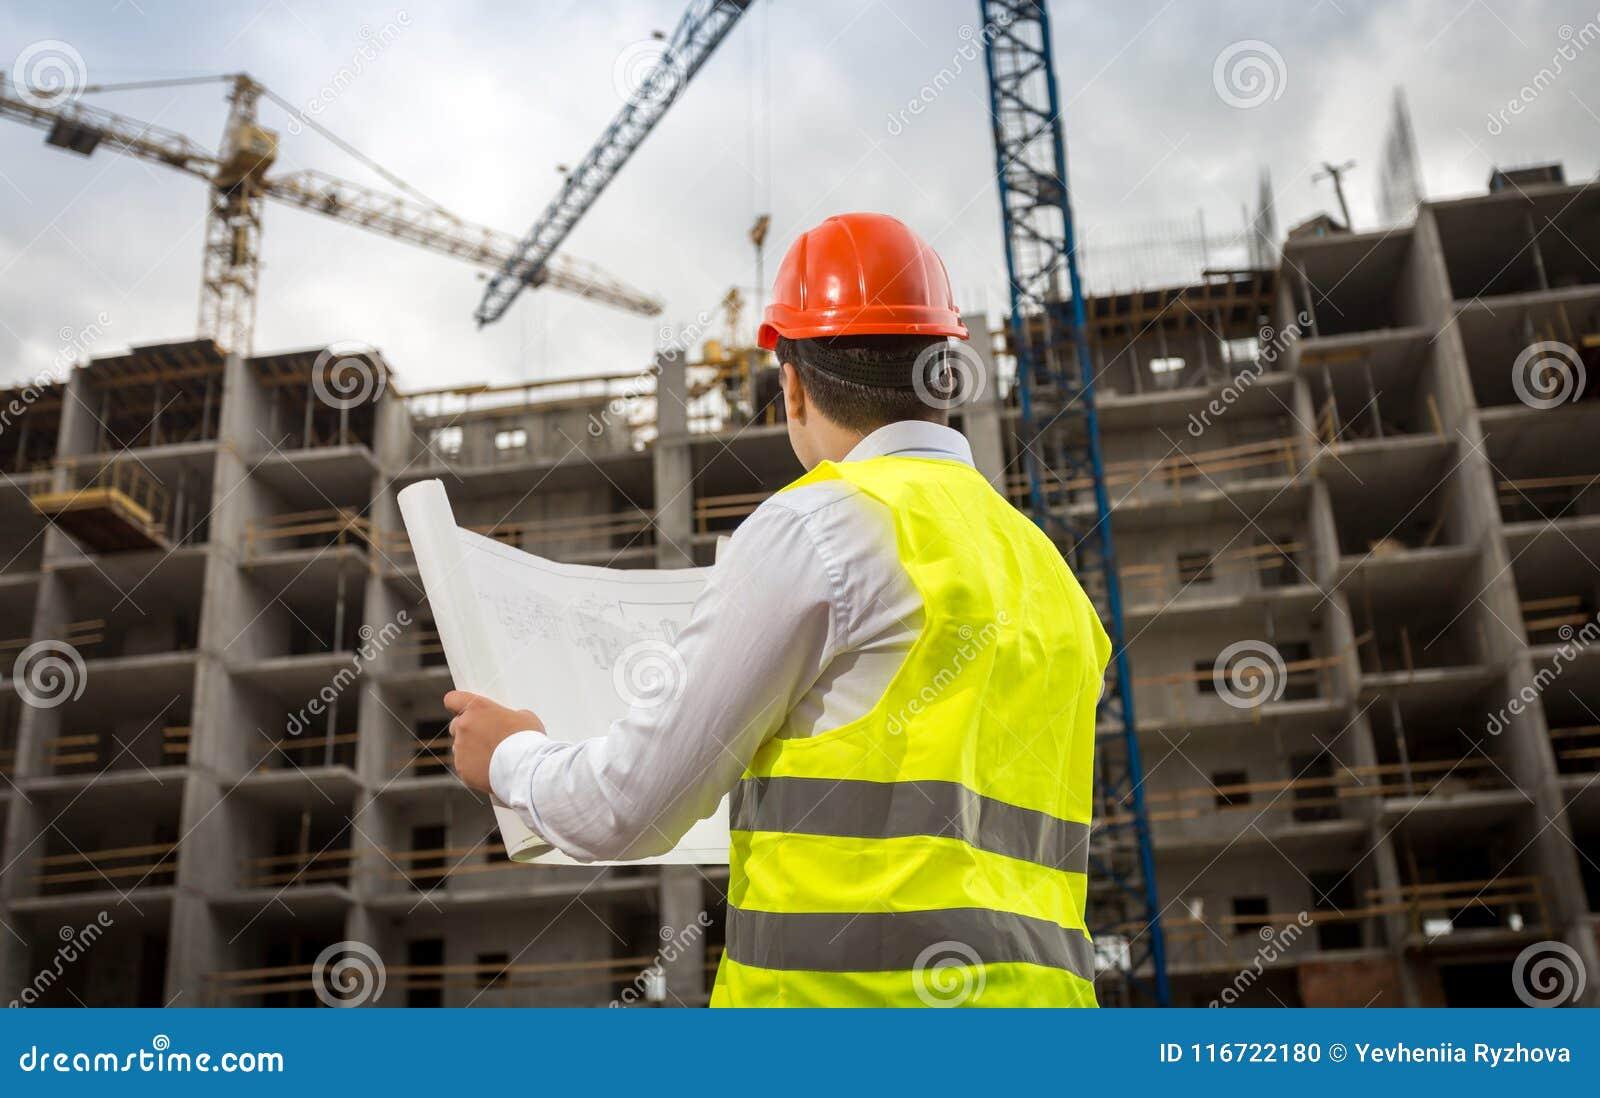 Изображение вид сзади инженера по строительству и монтажу смотря светокопии и работая вытягивает шею на строительной площадке